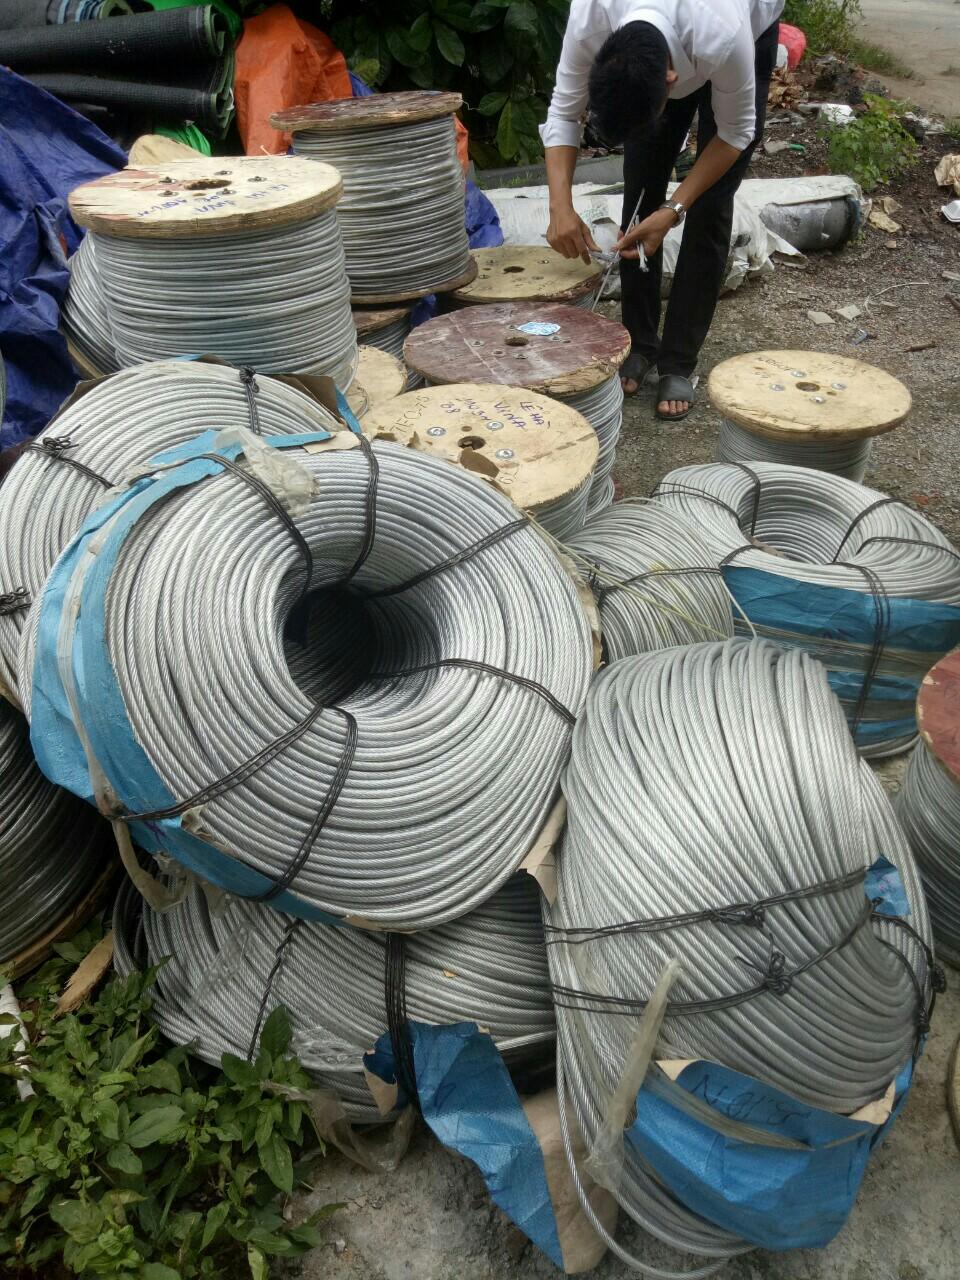 Cáp bọc nhựa 3mm, Địa chỉ bán cáp chất lượng, Địa chỉ cung cấp cáp bọc nhựa, Lớp vỏ nhựa bao bọc, Dây cáp bọc nhựa